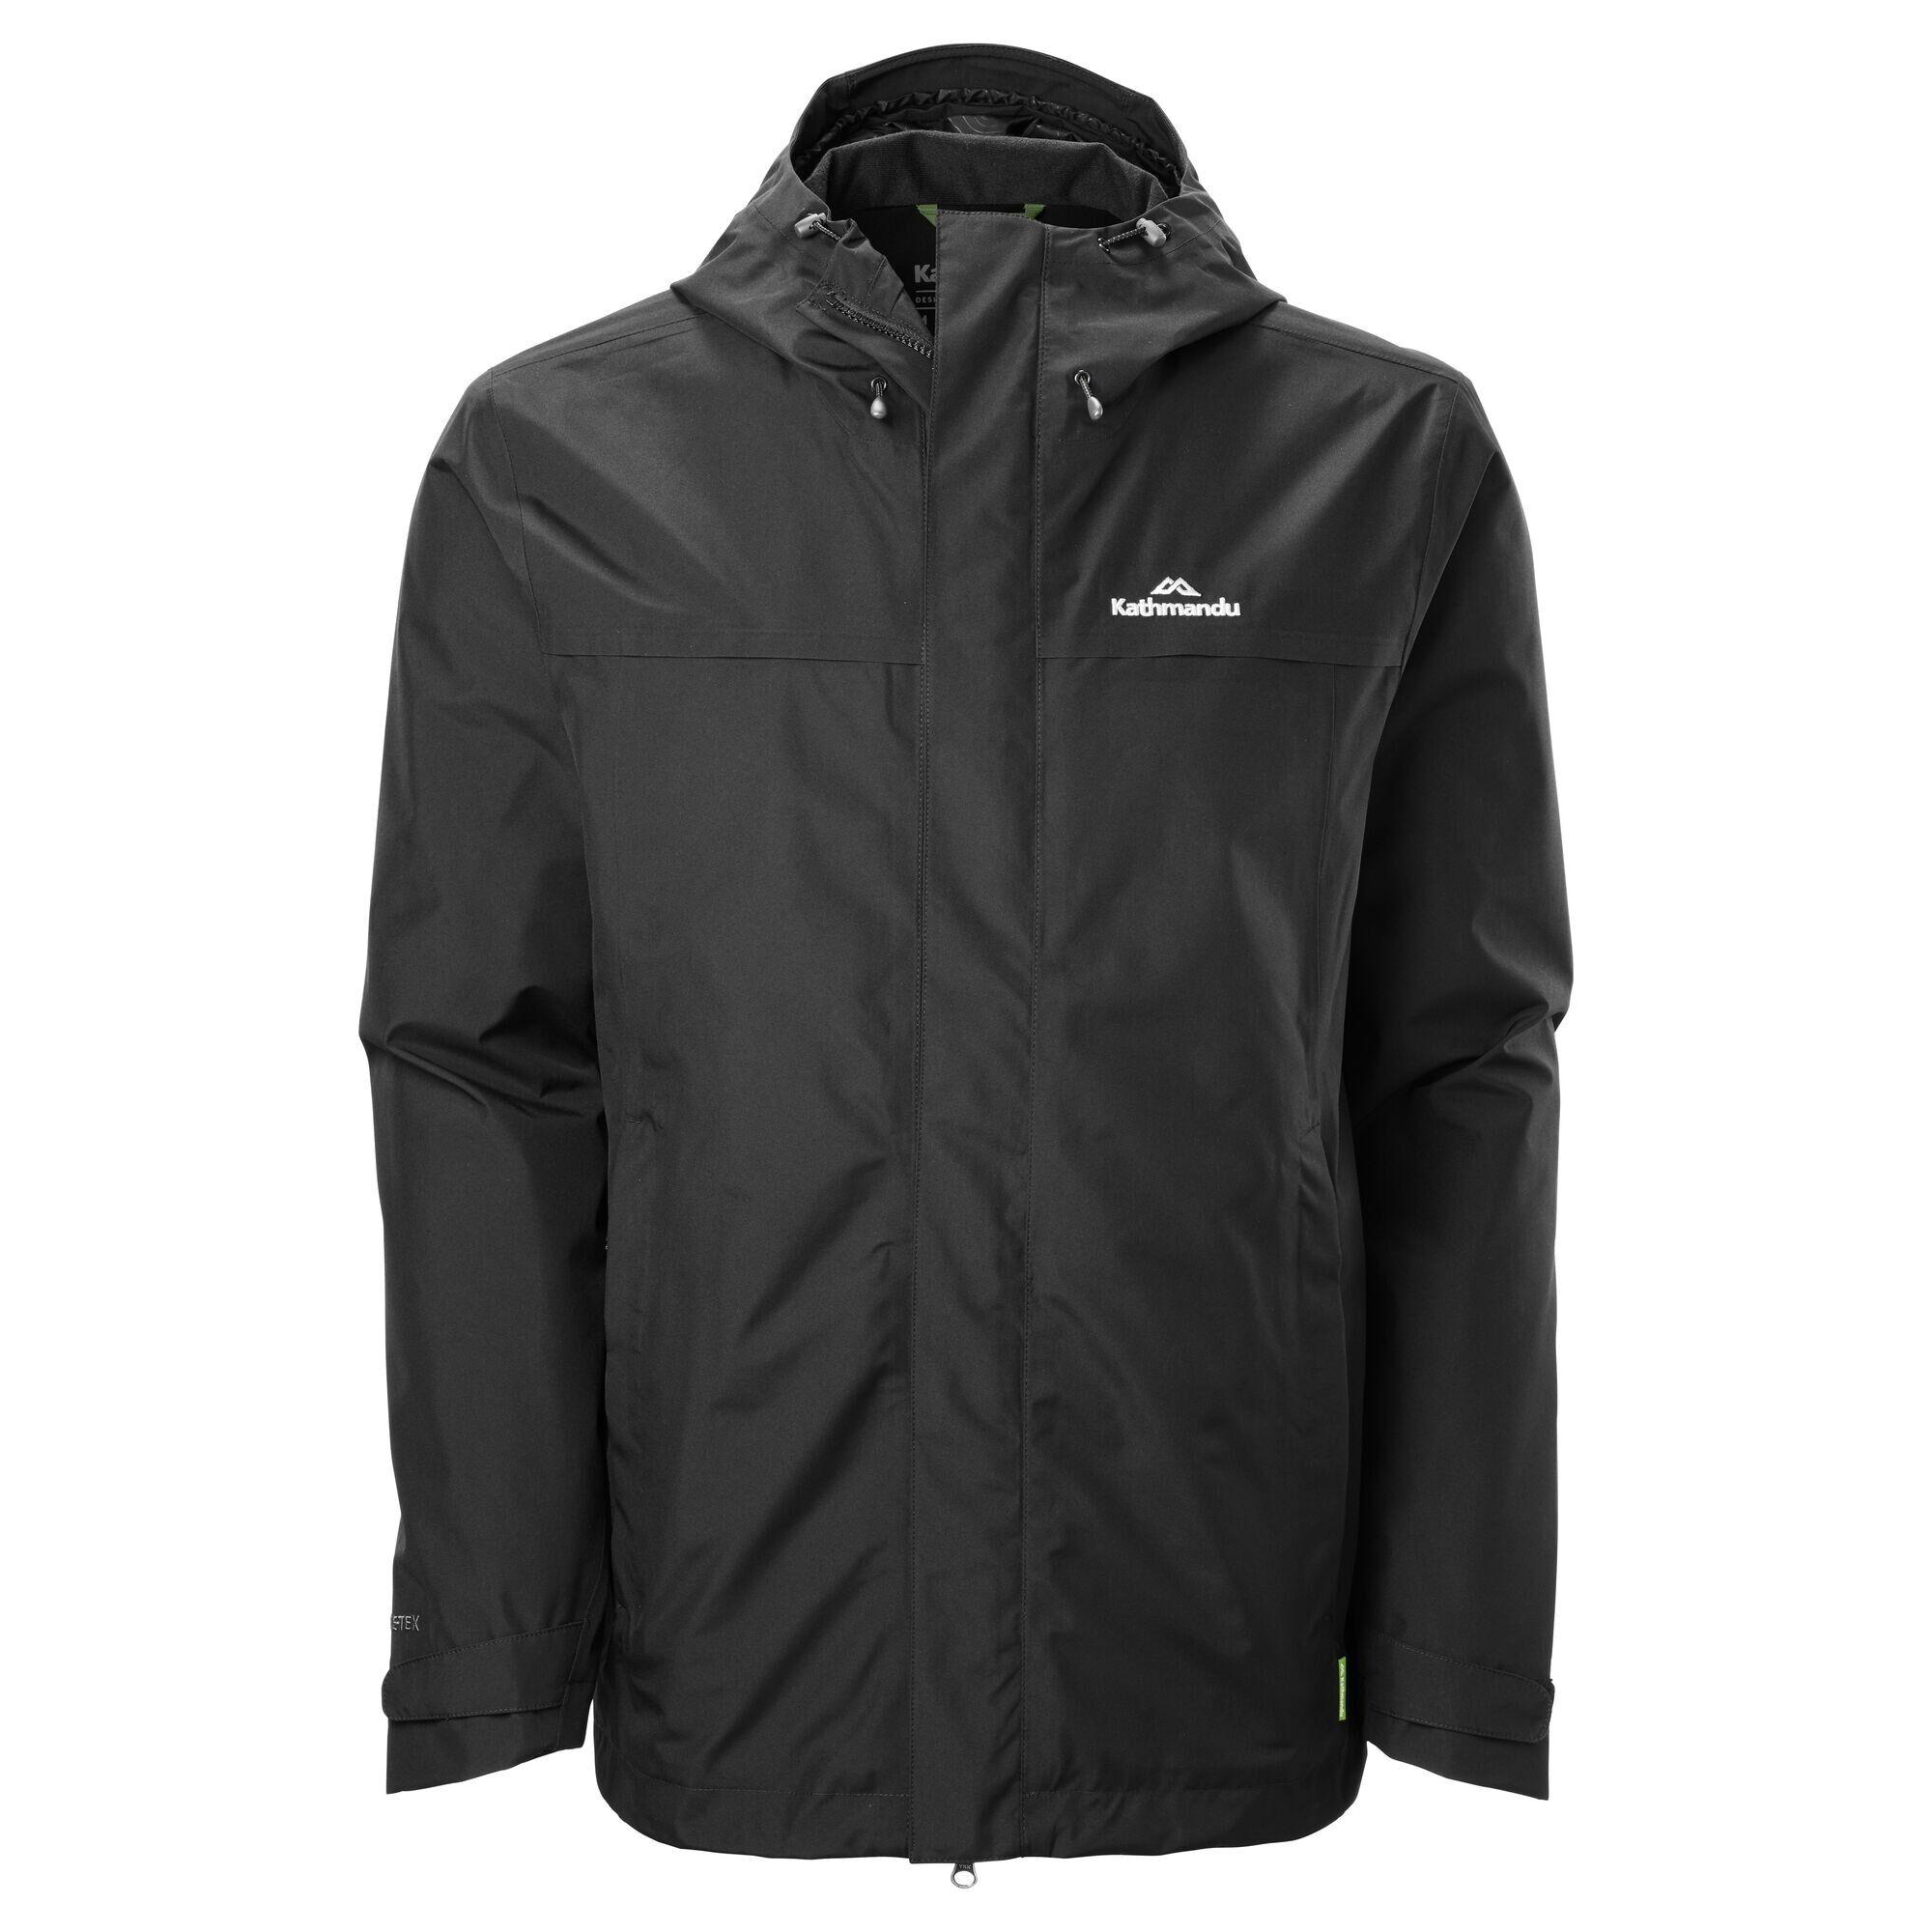 Kathmandu Bealey Men's GORE-TEX Jacket  - Black - Size: Medium